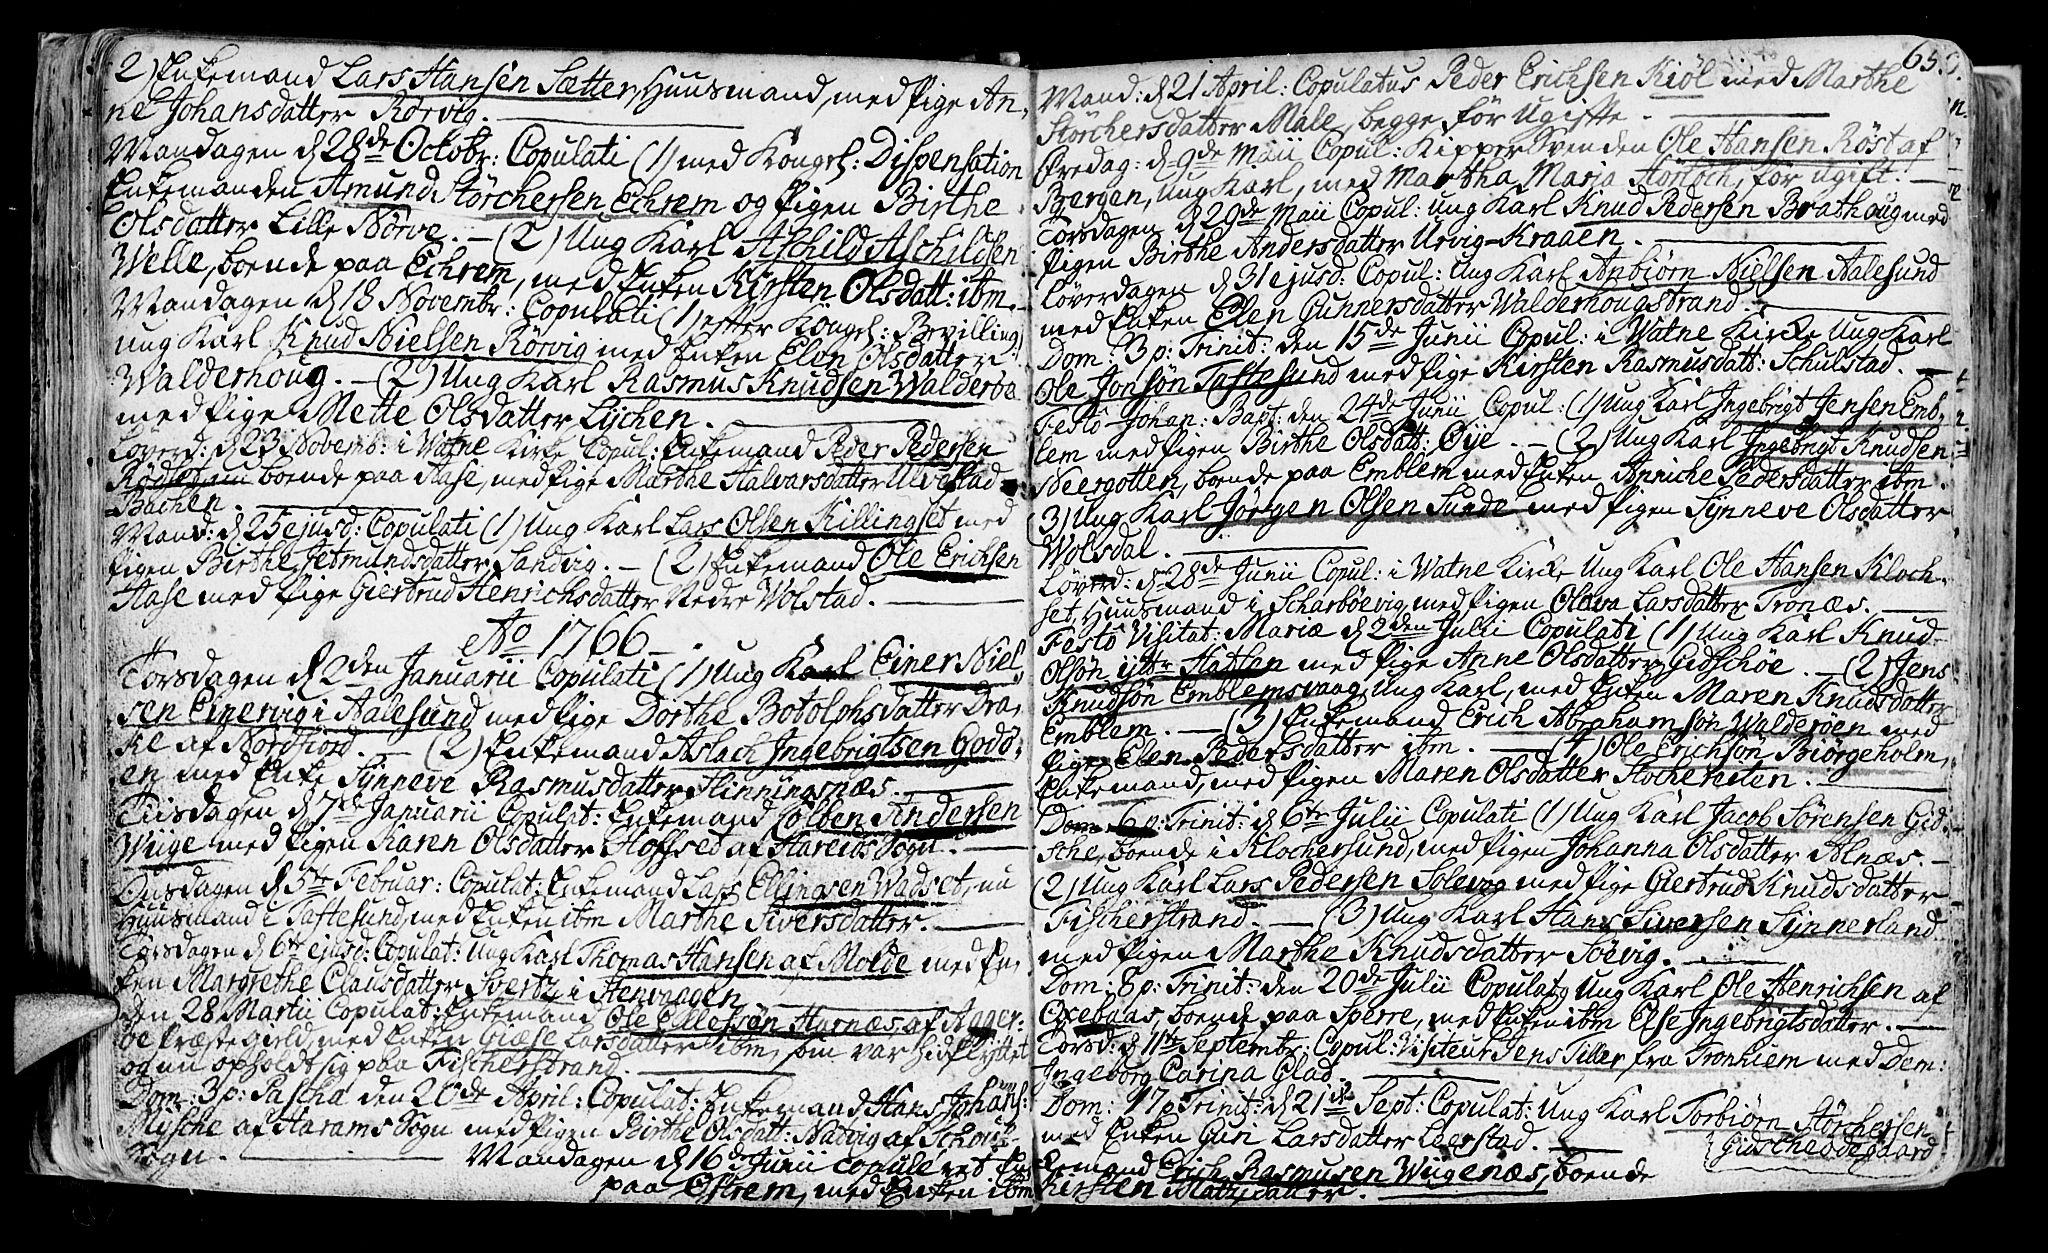 SAT, Ministerialprotokoller, klokkerbøker og fødselsregistre - Møre og Romsdal, 528/L0392: Ministerialbok nr. 528A03, 1762-1800, s. 65